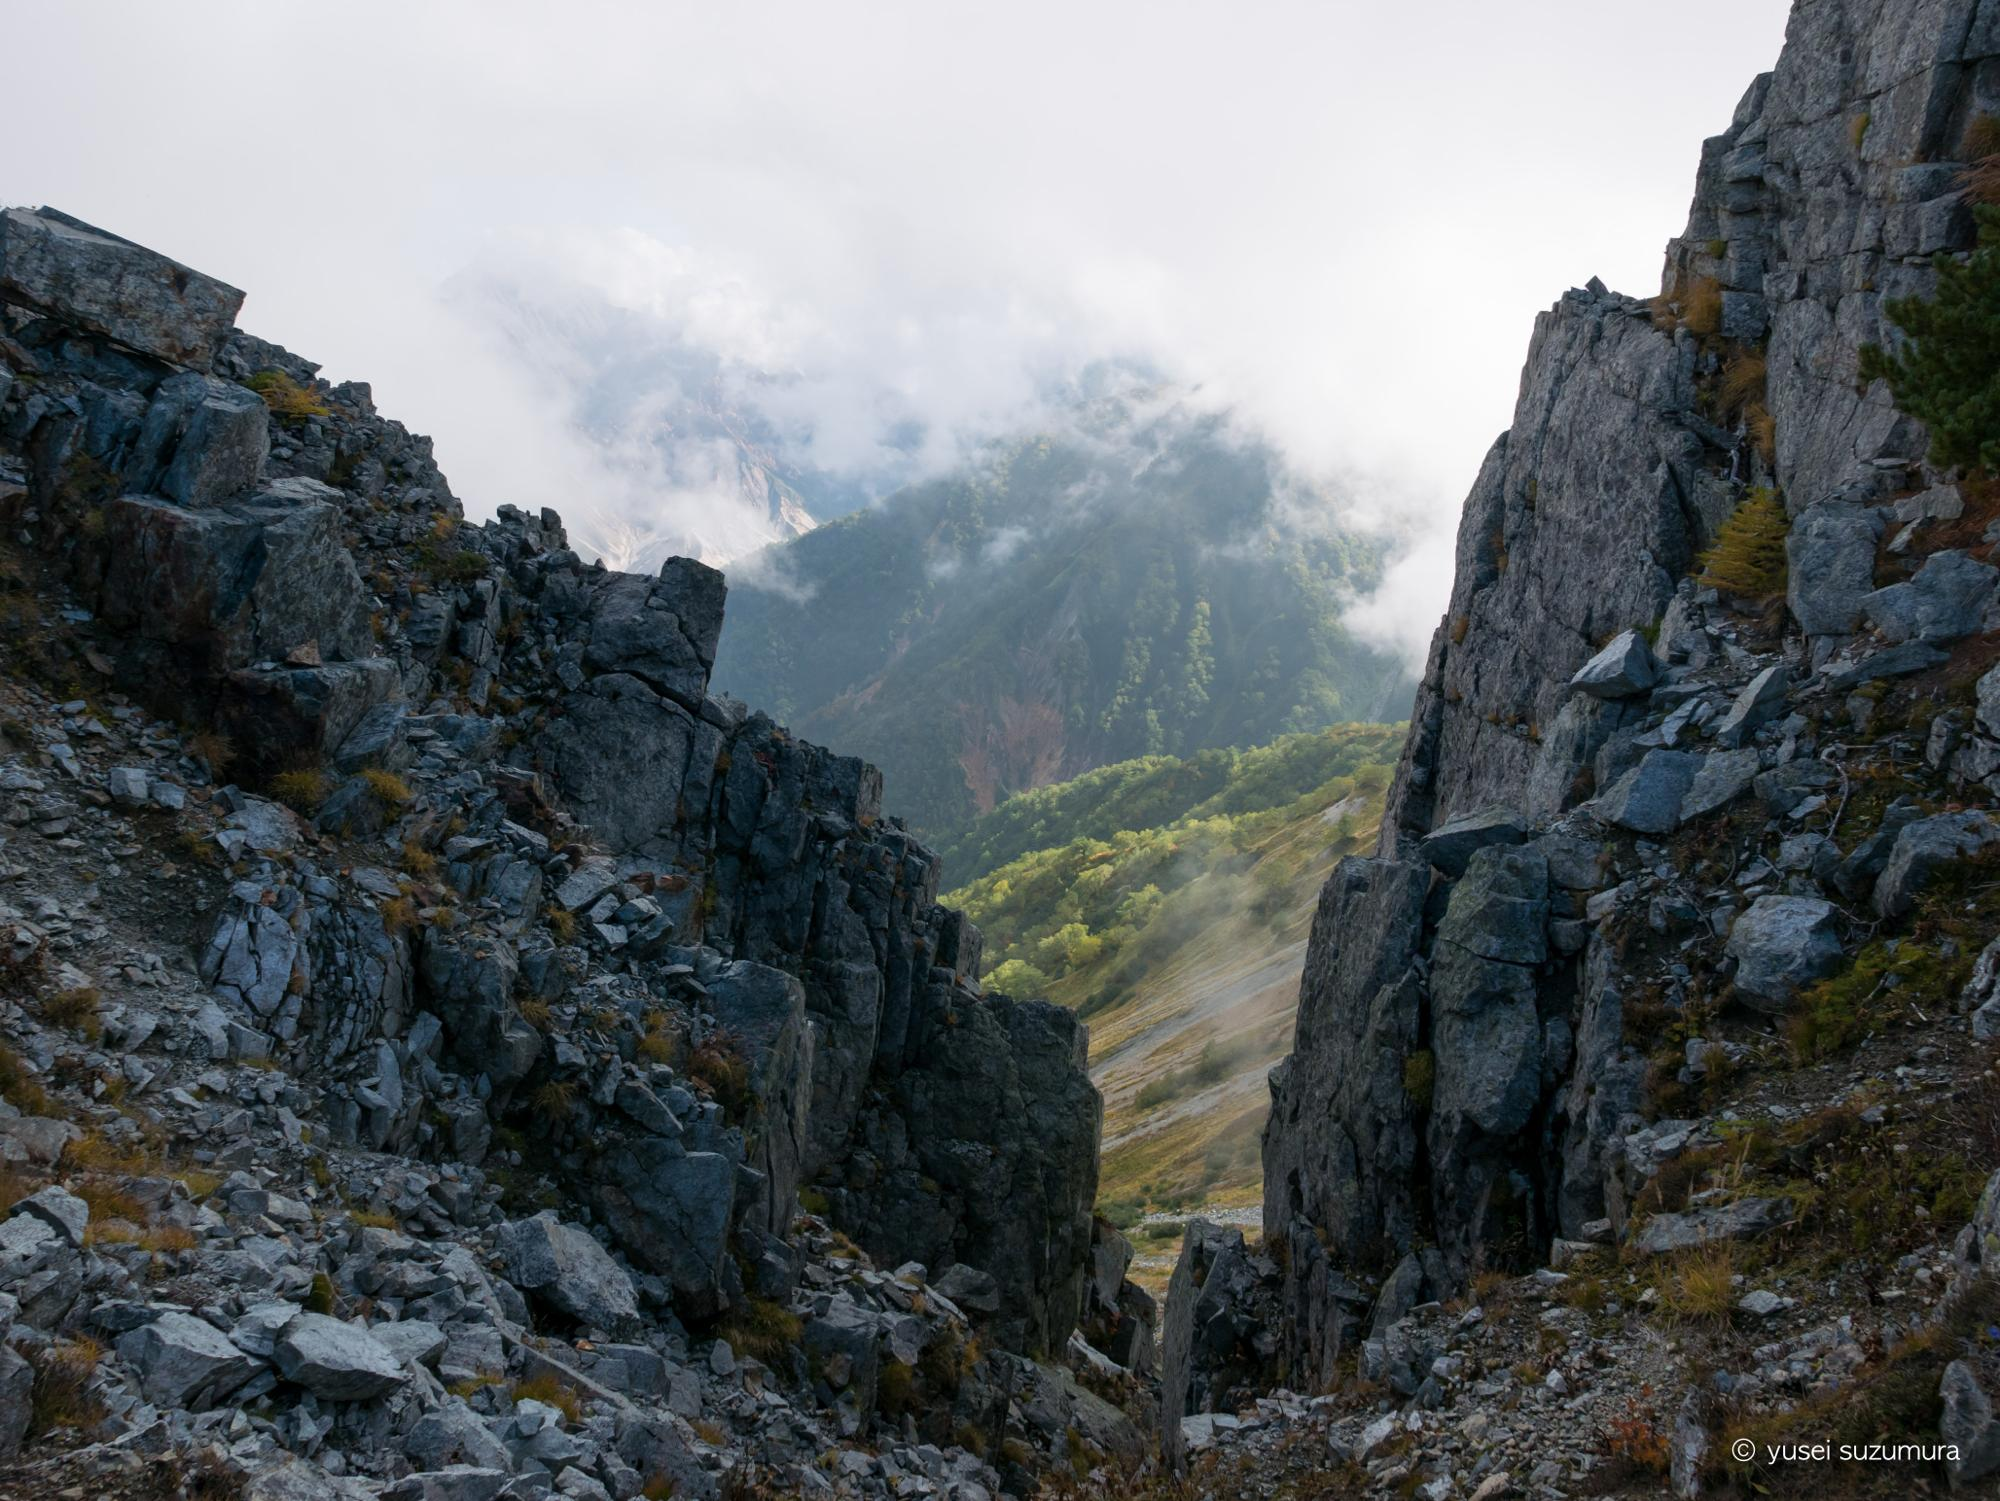 野口五郎から水晶小屋までの稜線